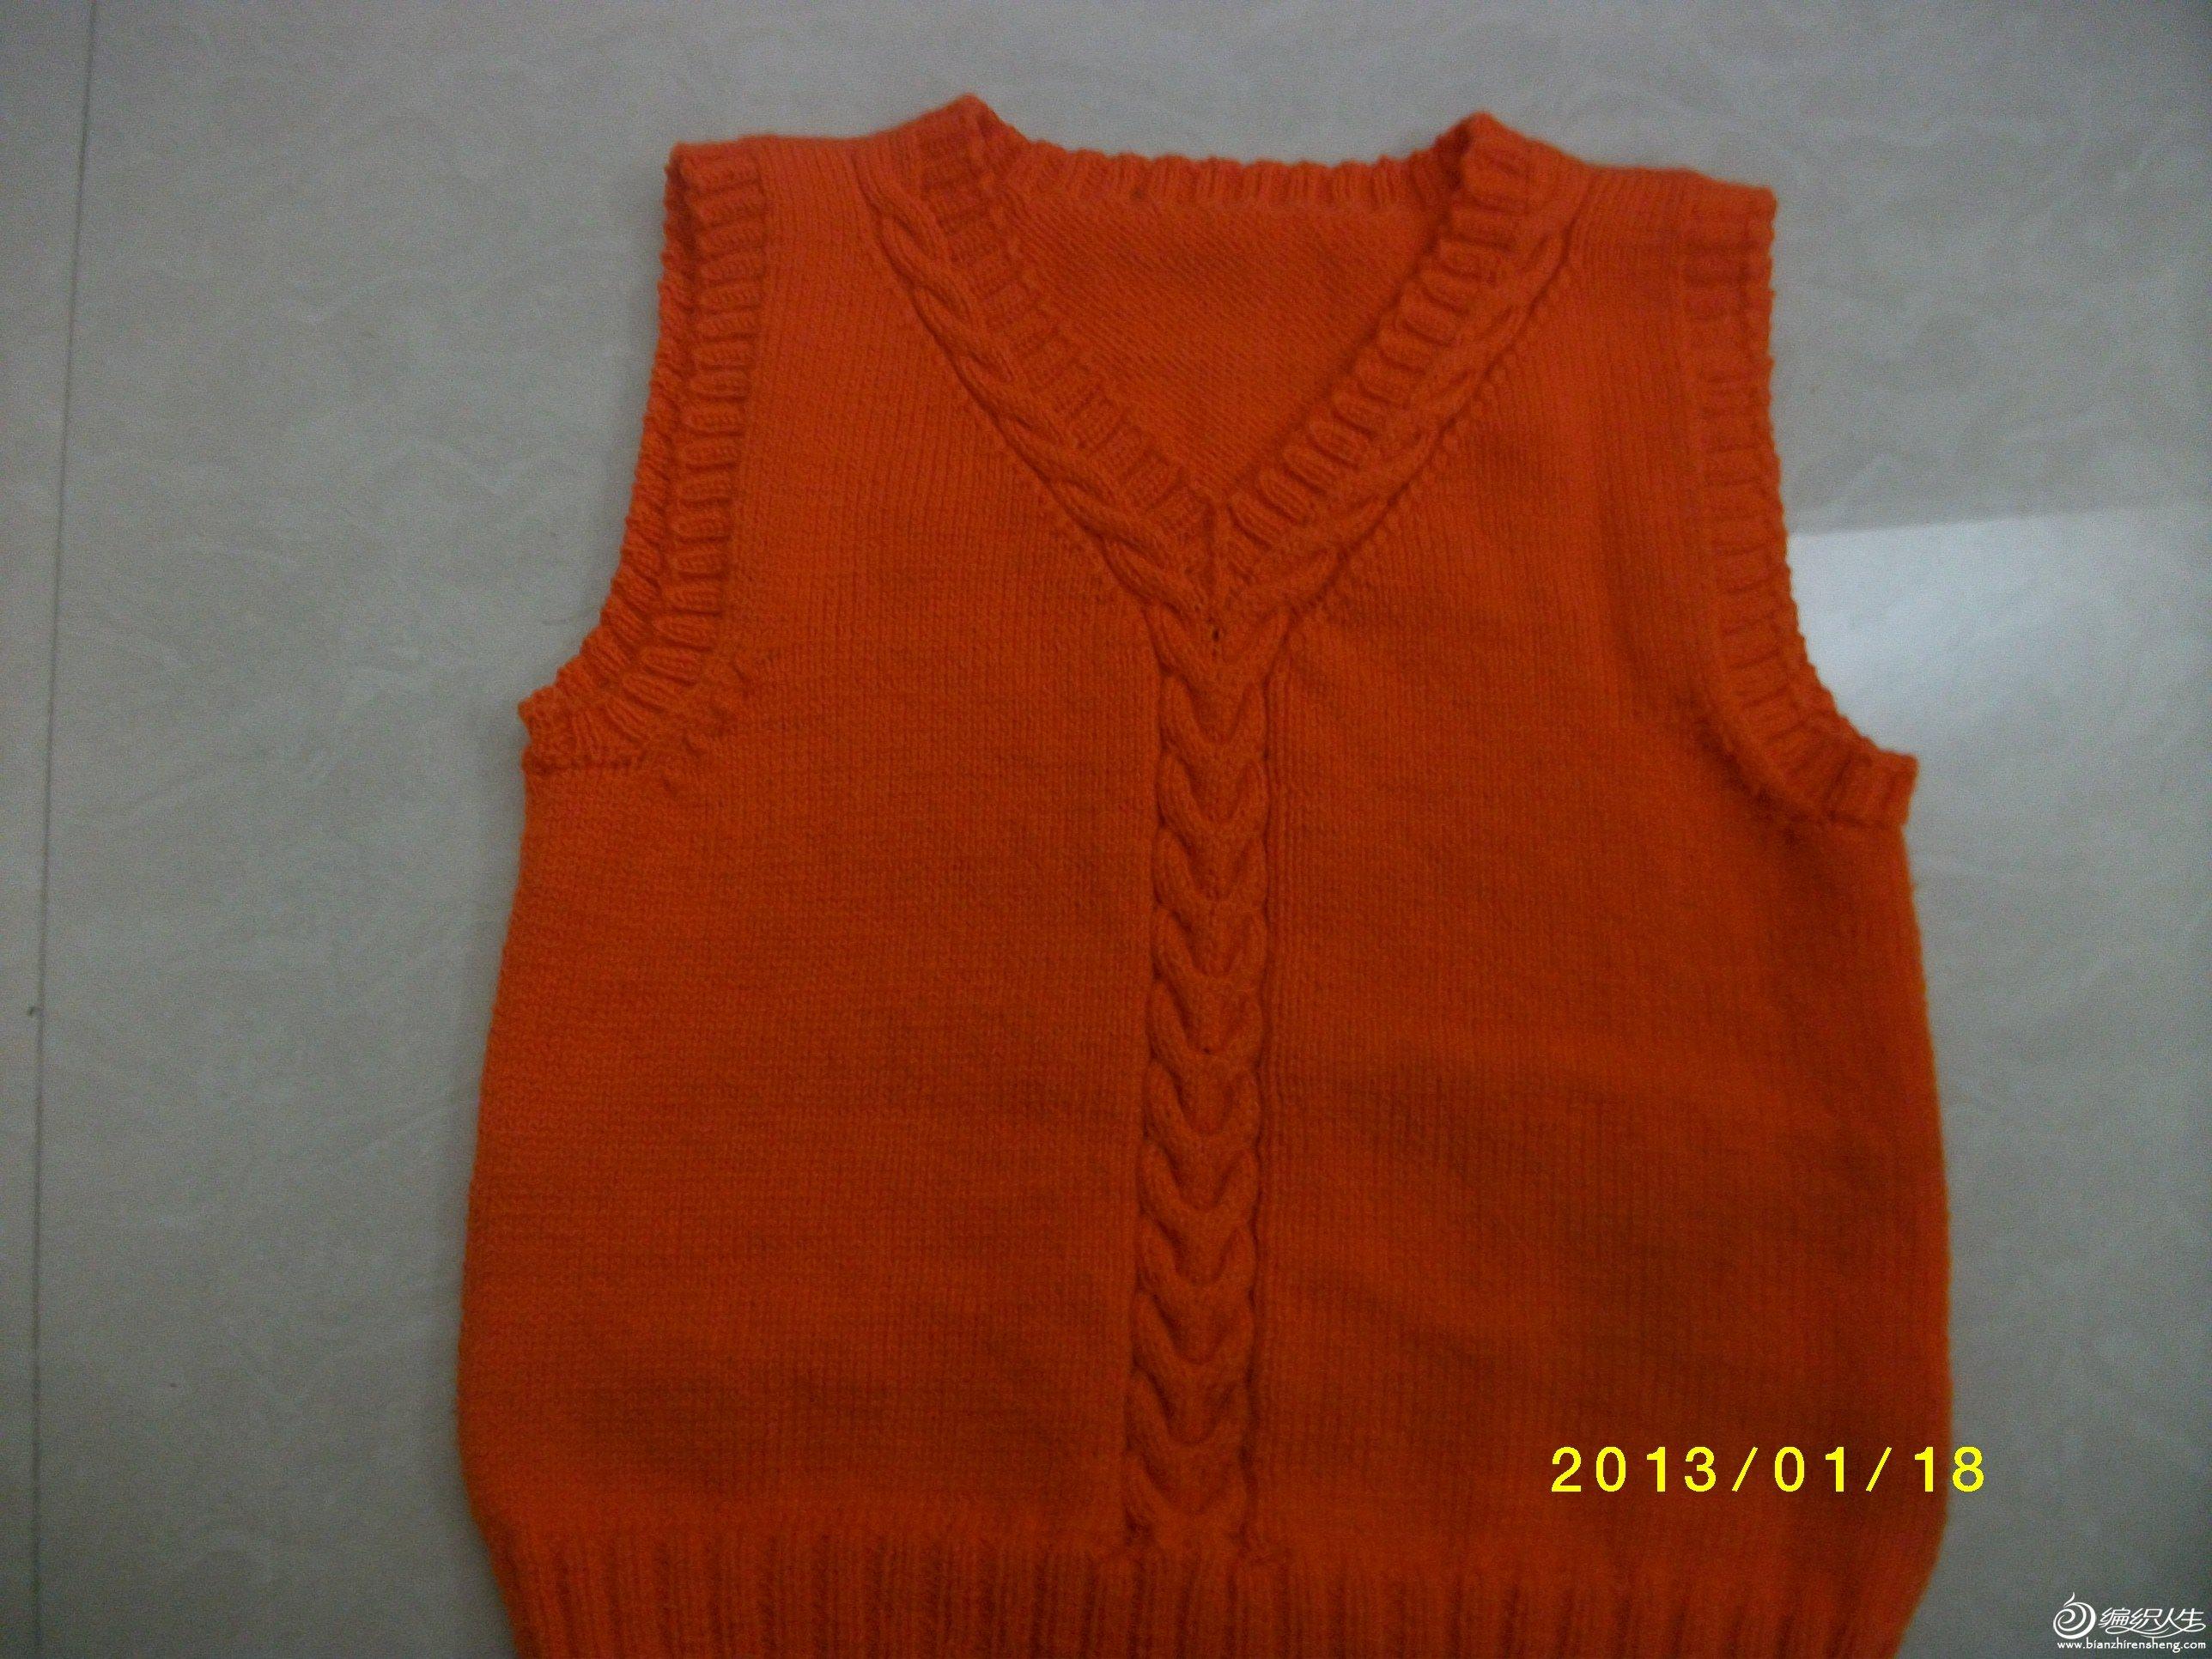 SANY2917.JPG